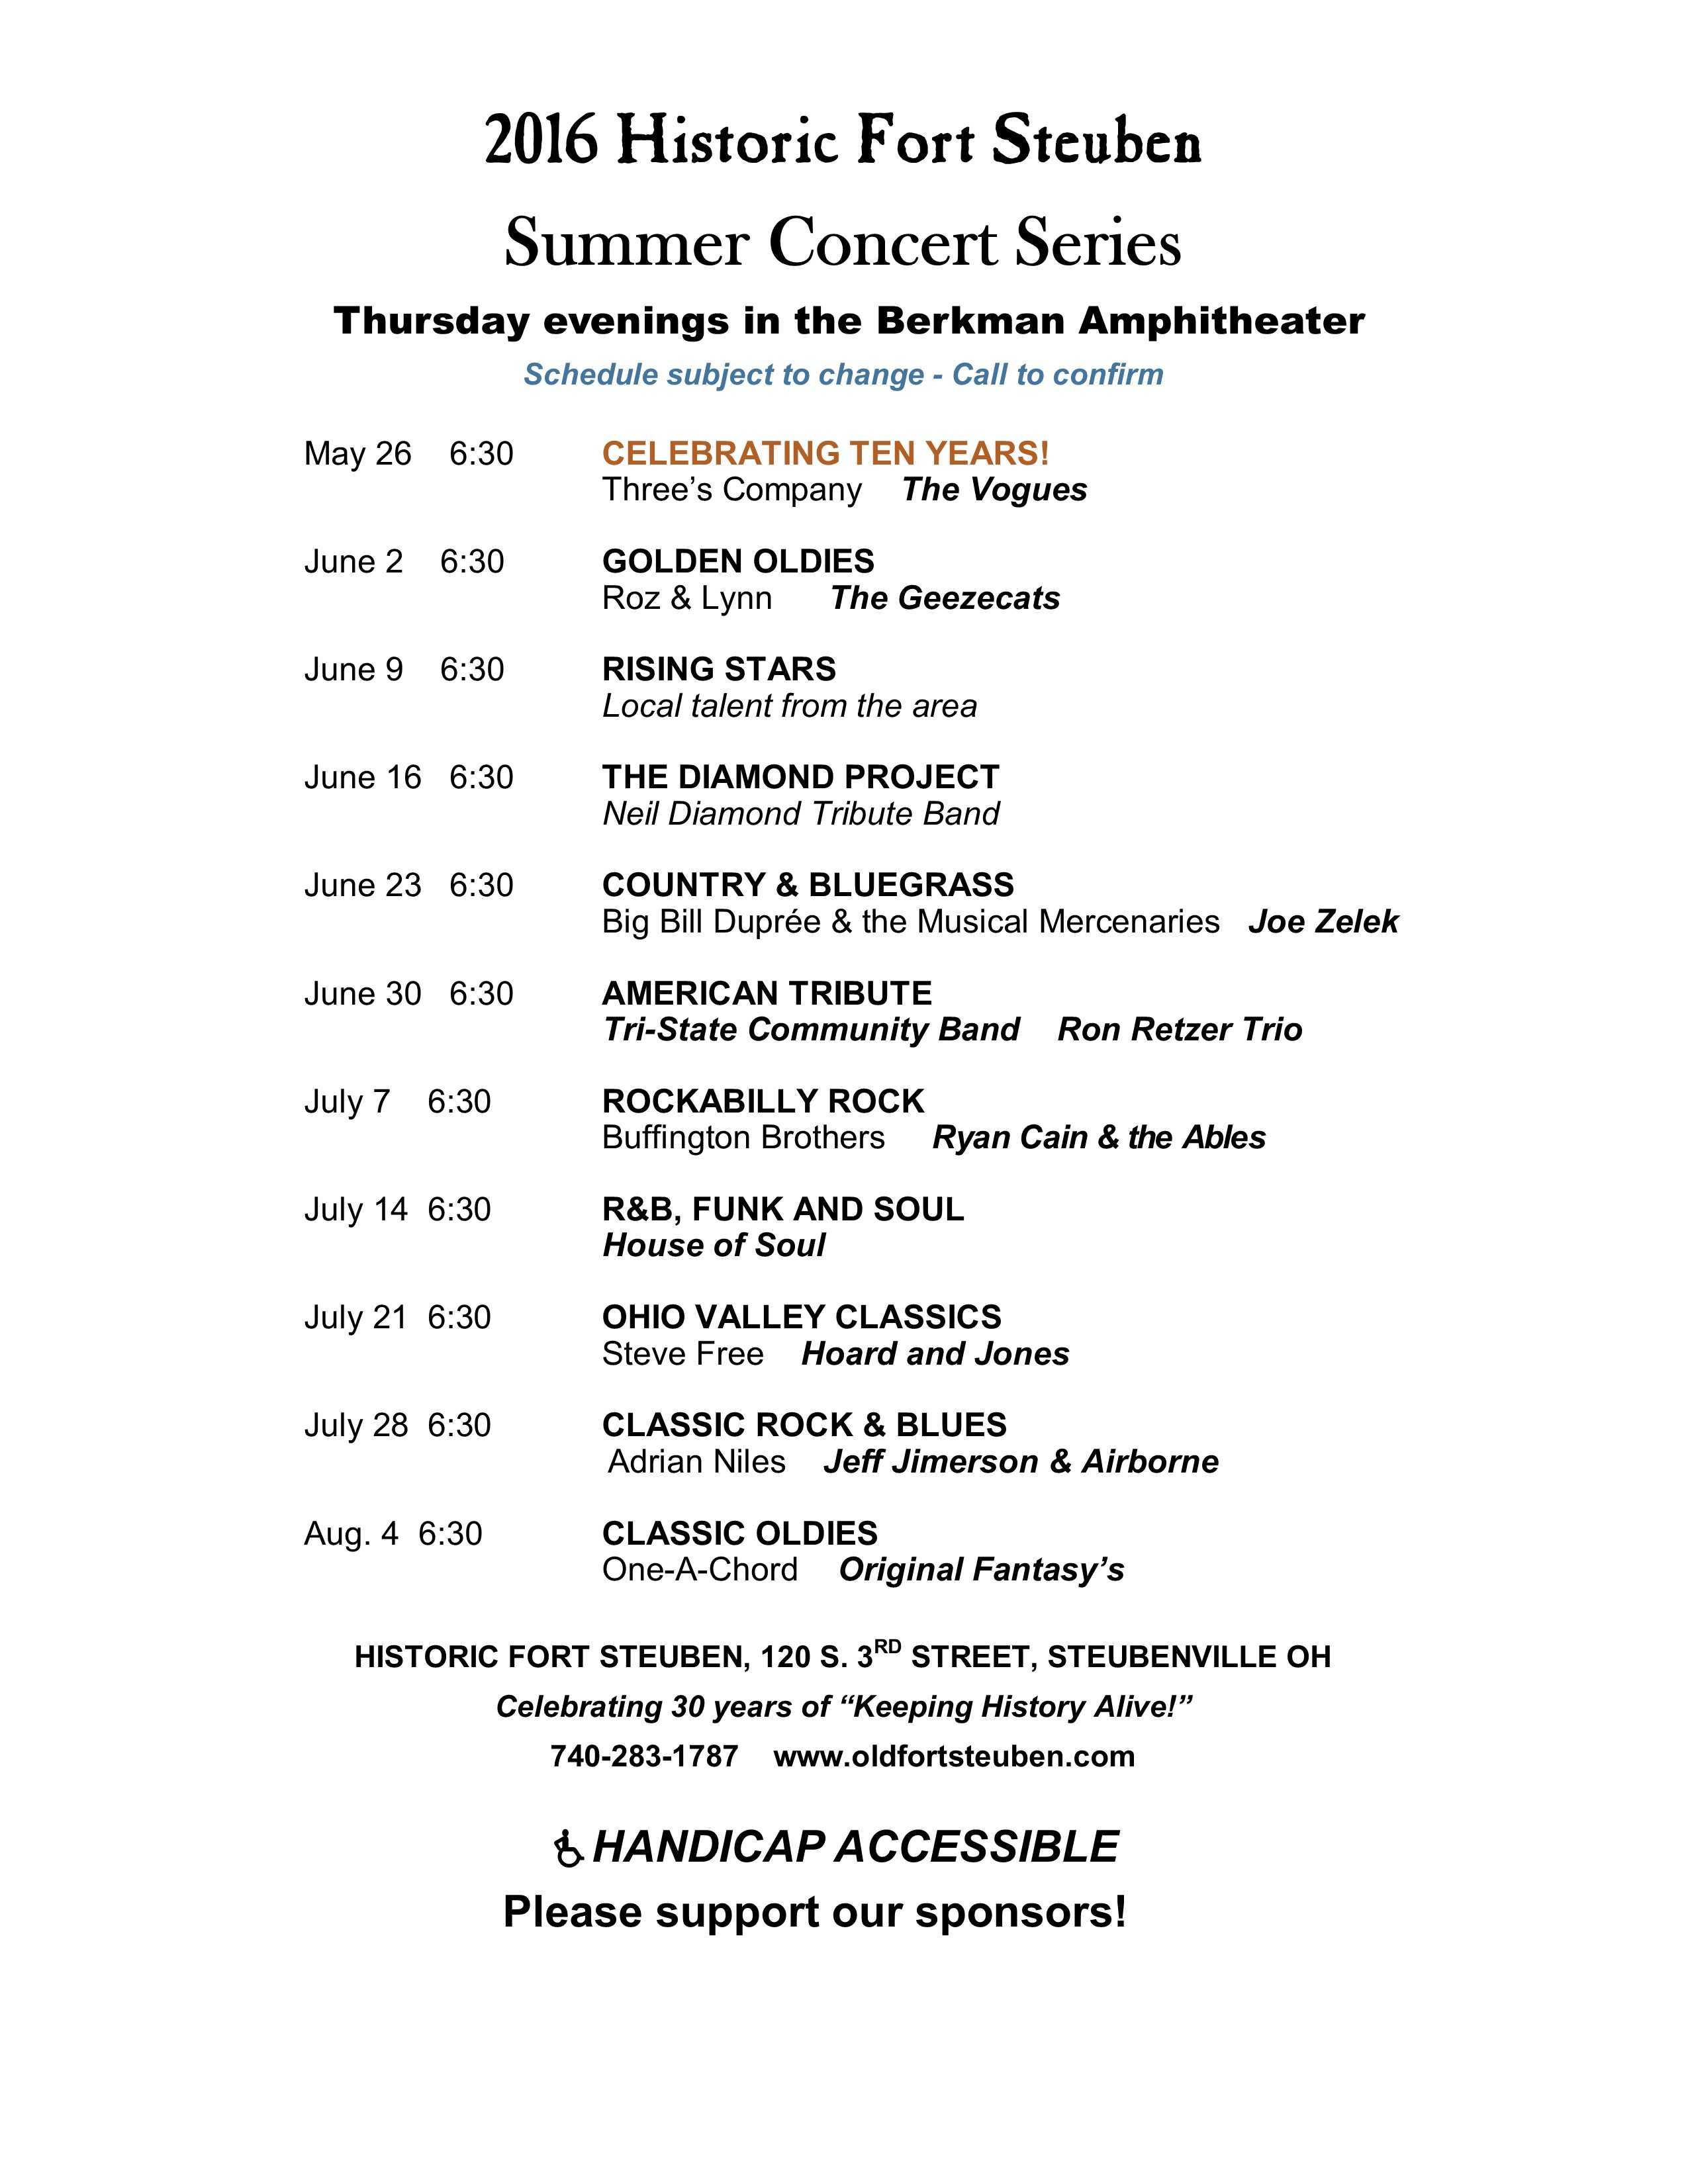 2016 Summer Concert Schedule front